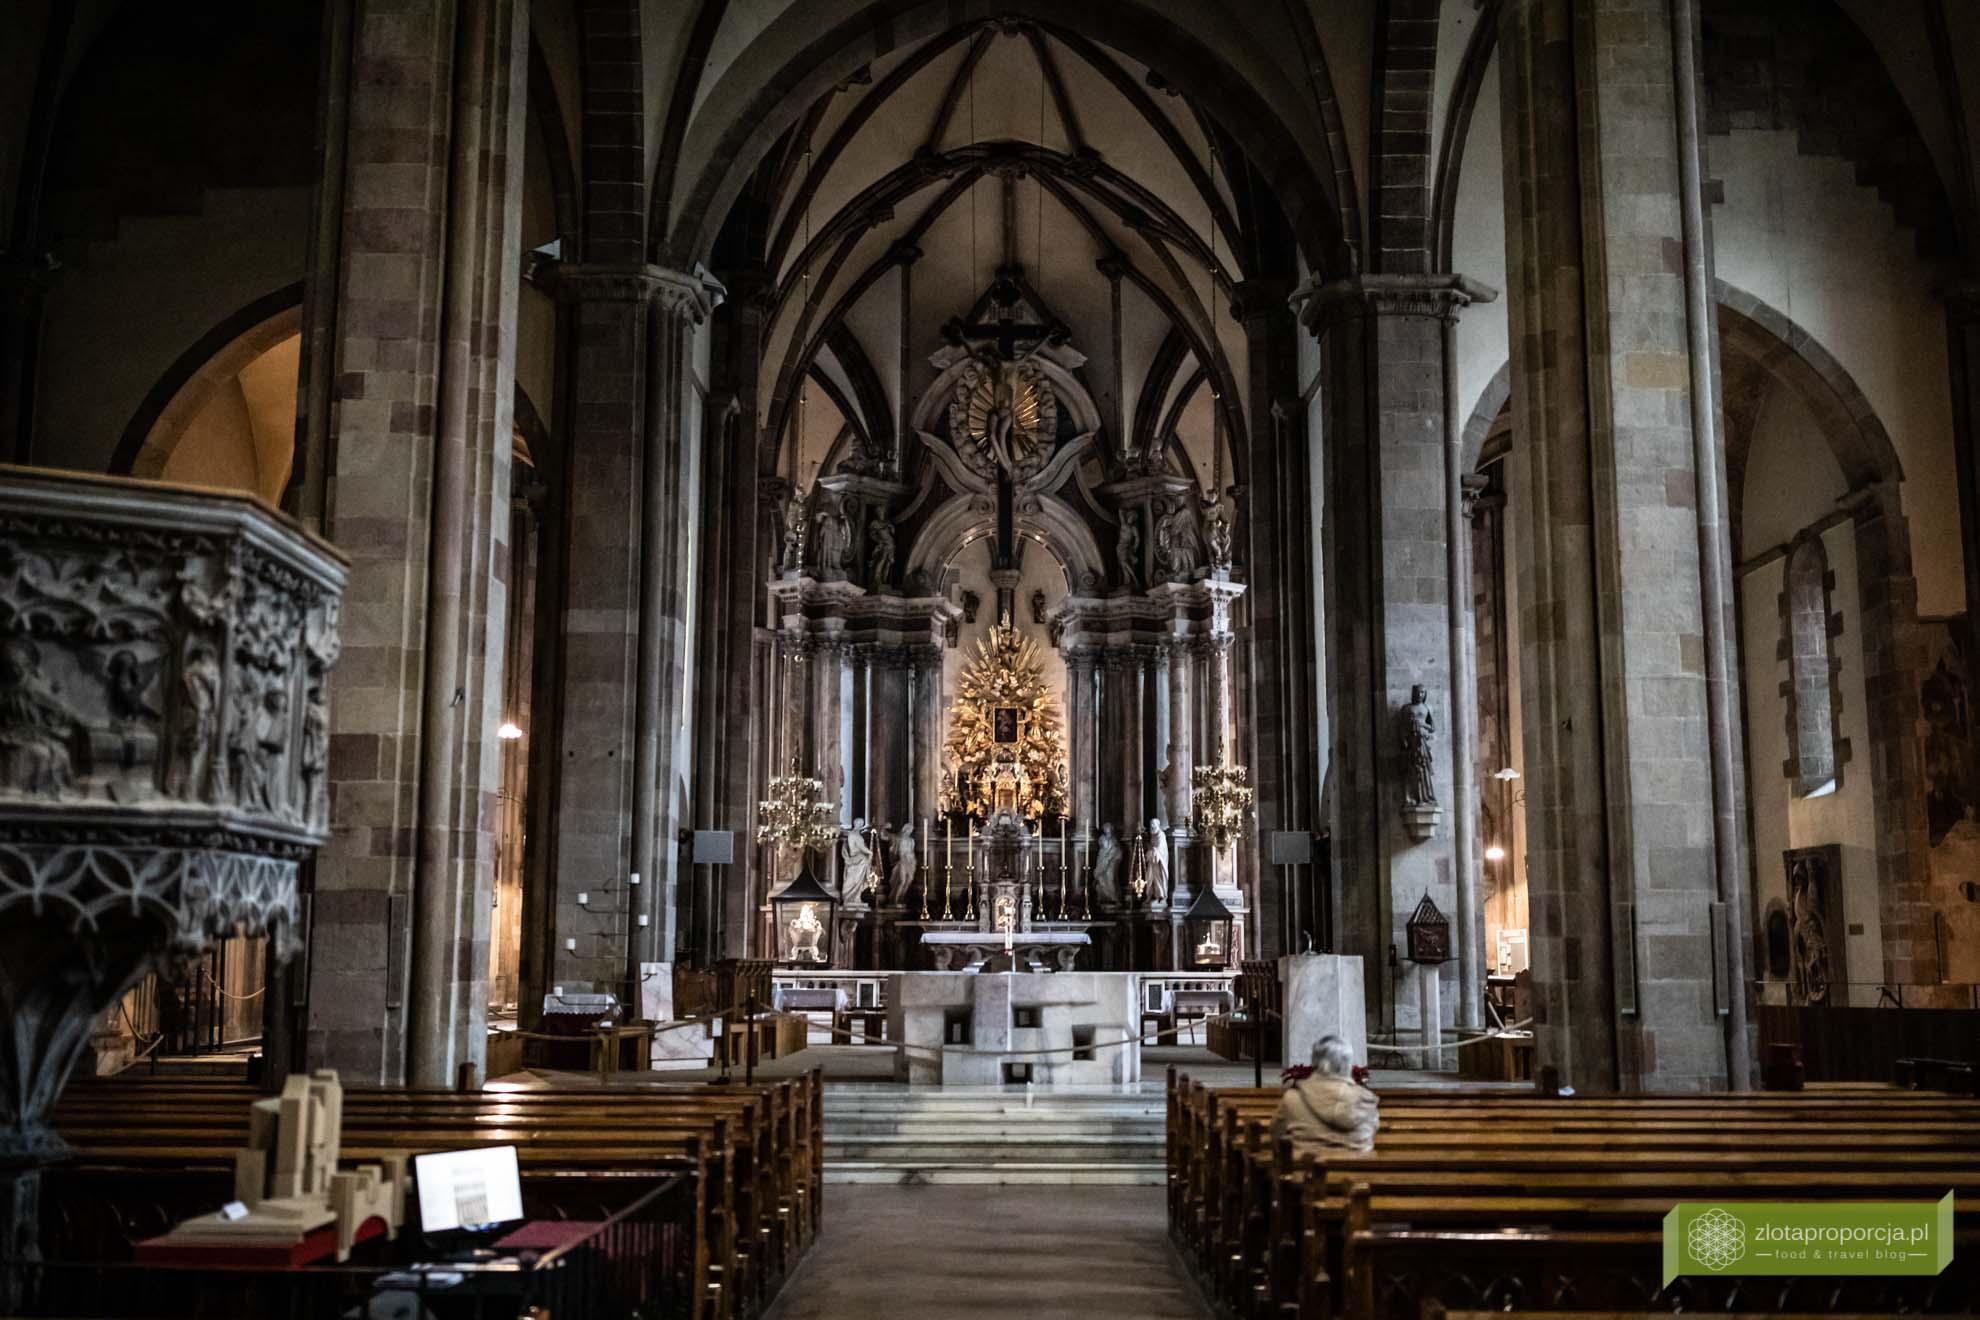 Bolzano; Południowy Tyrol; stolica Południowego Tyrolu; atrakcje Południowego Tyrolu; Bolzano atrakcje; Bolzano Włochy; Duomo di Bolzano; katedra Bolzano;